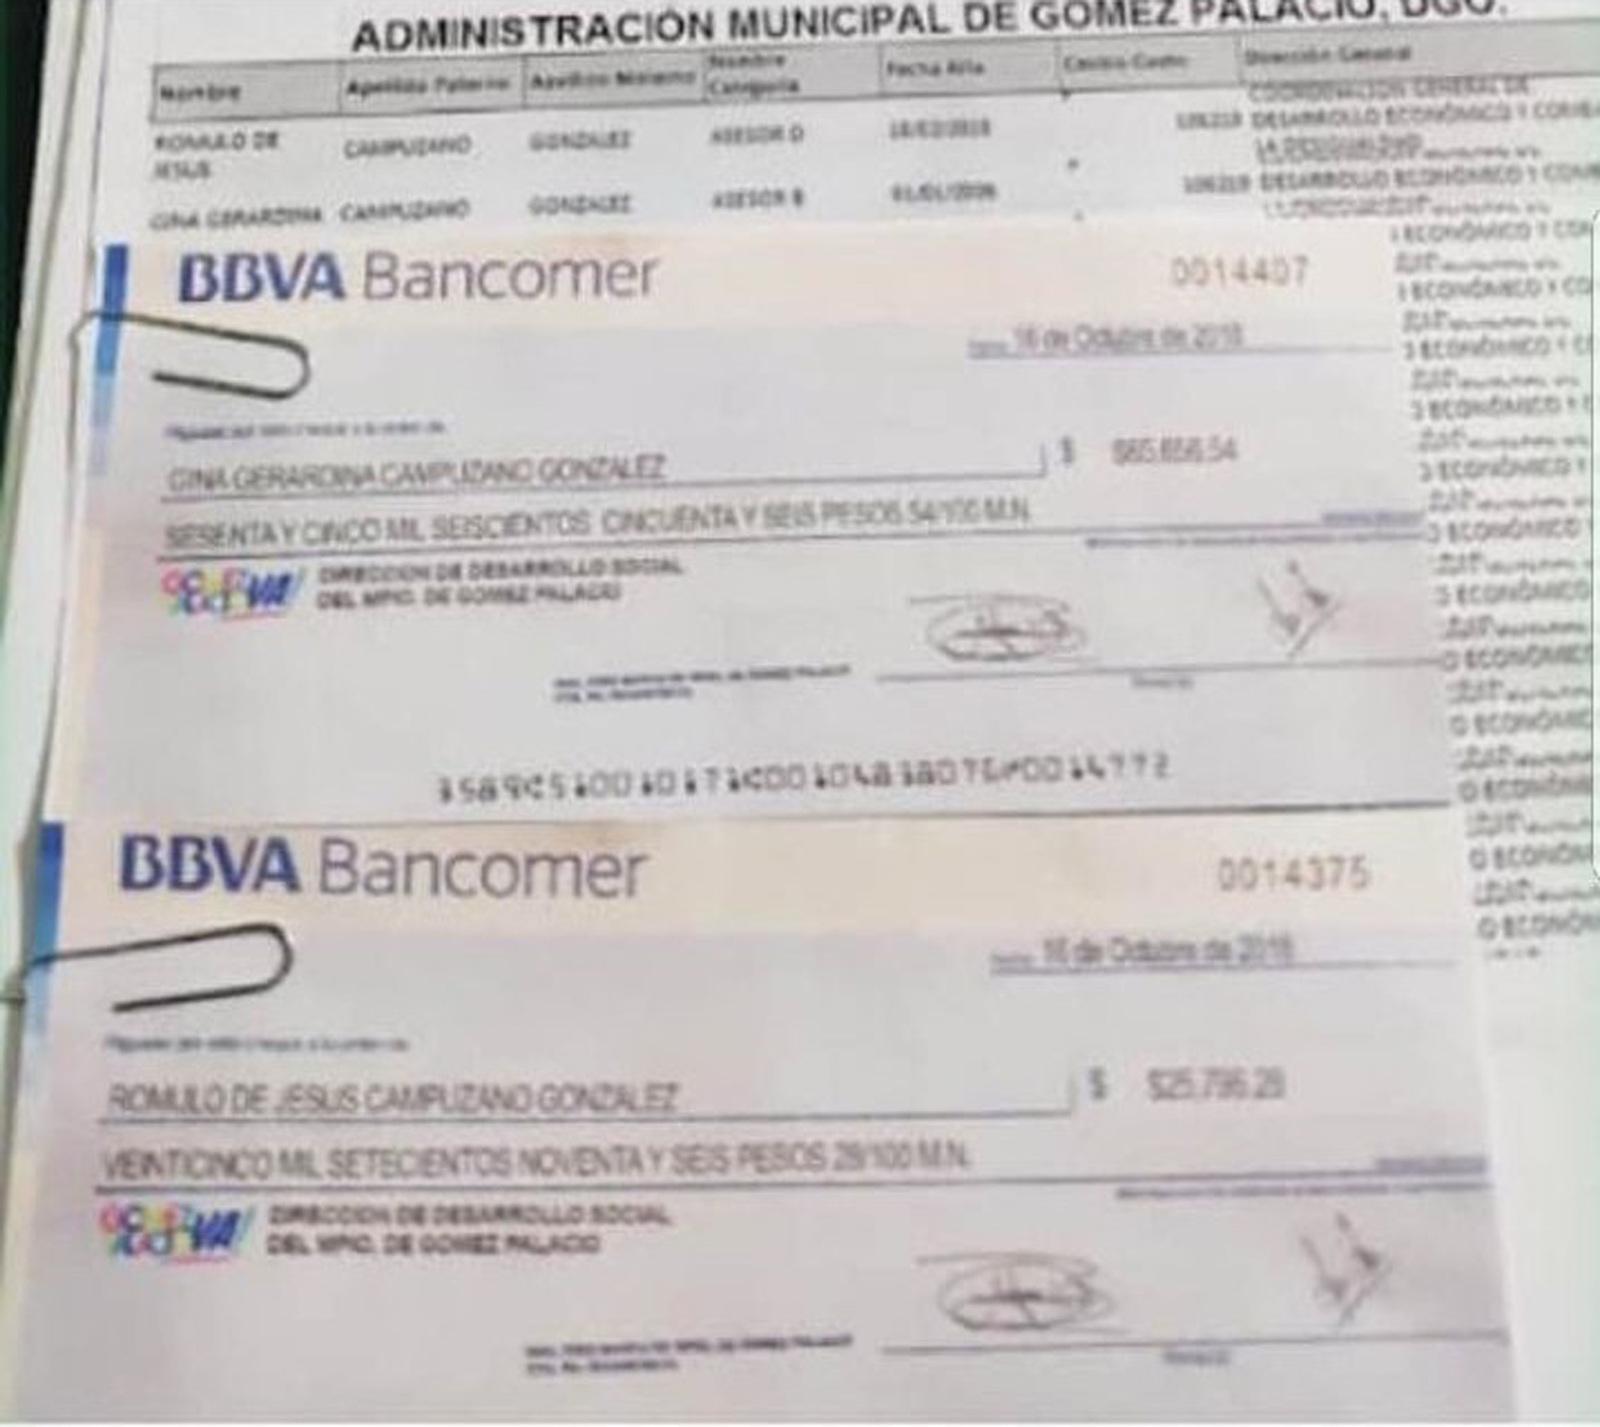 Denuncian Presuntos Cheques Falsificados El Siglo De Torreón